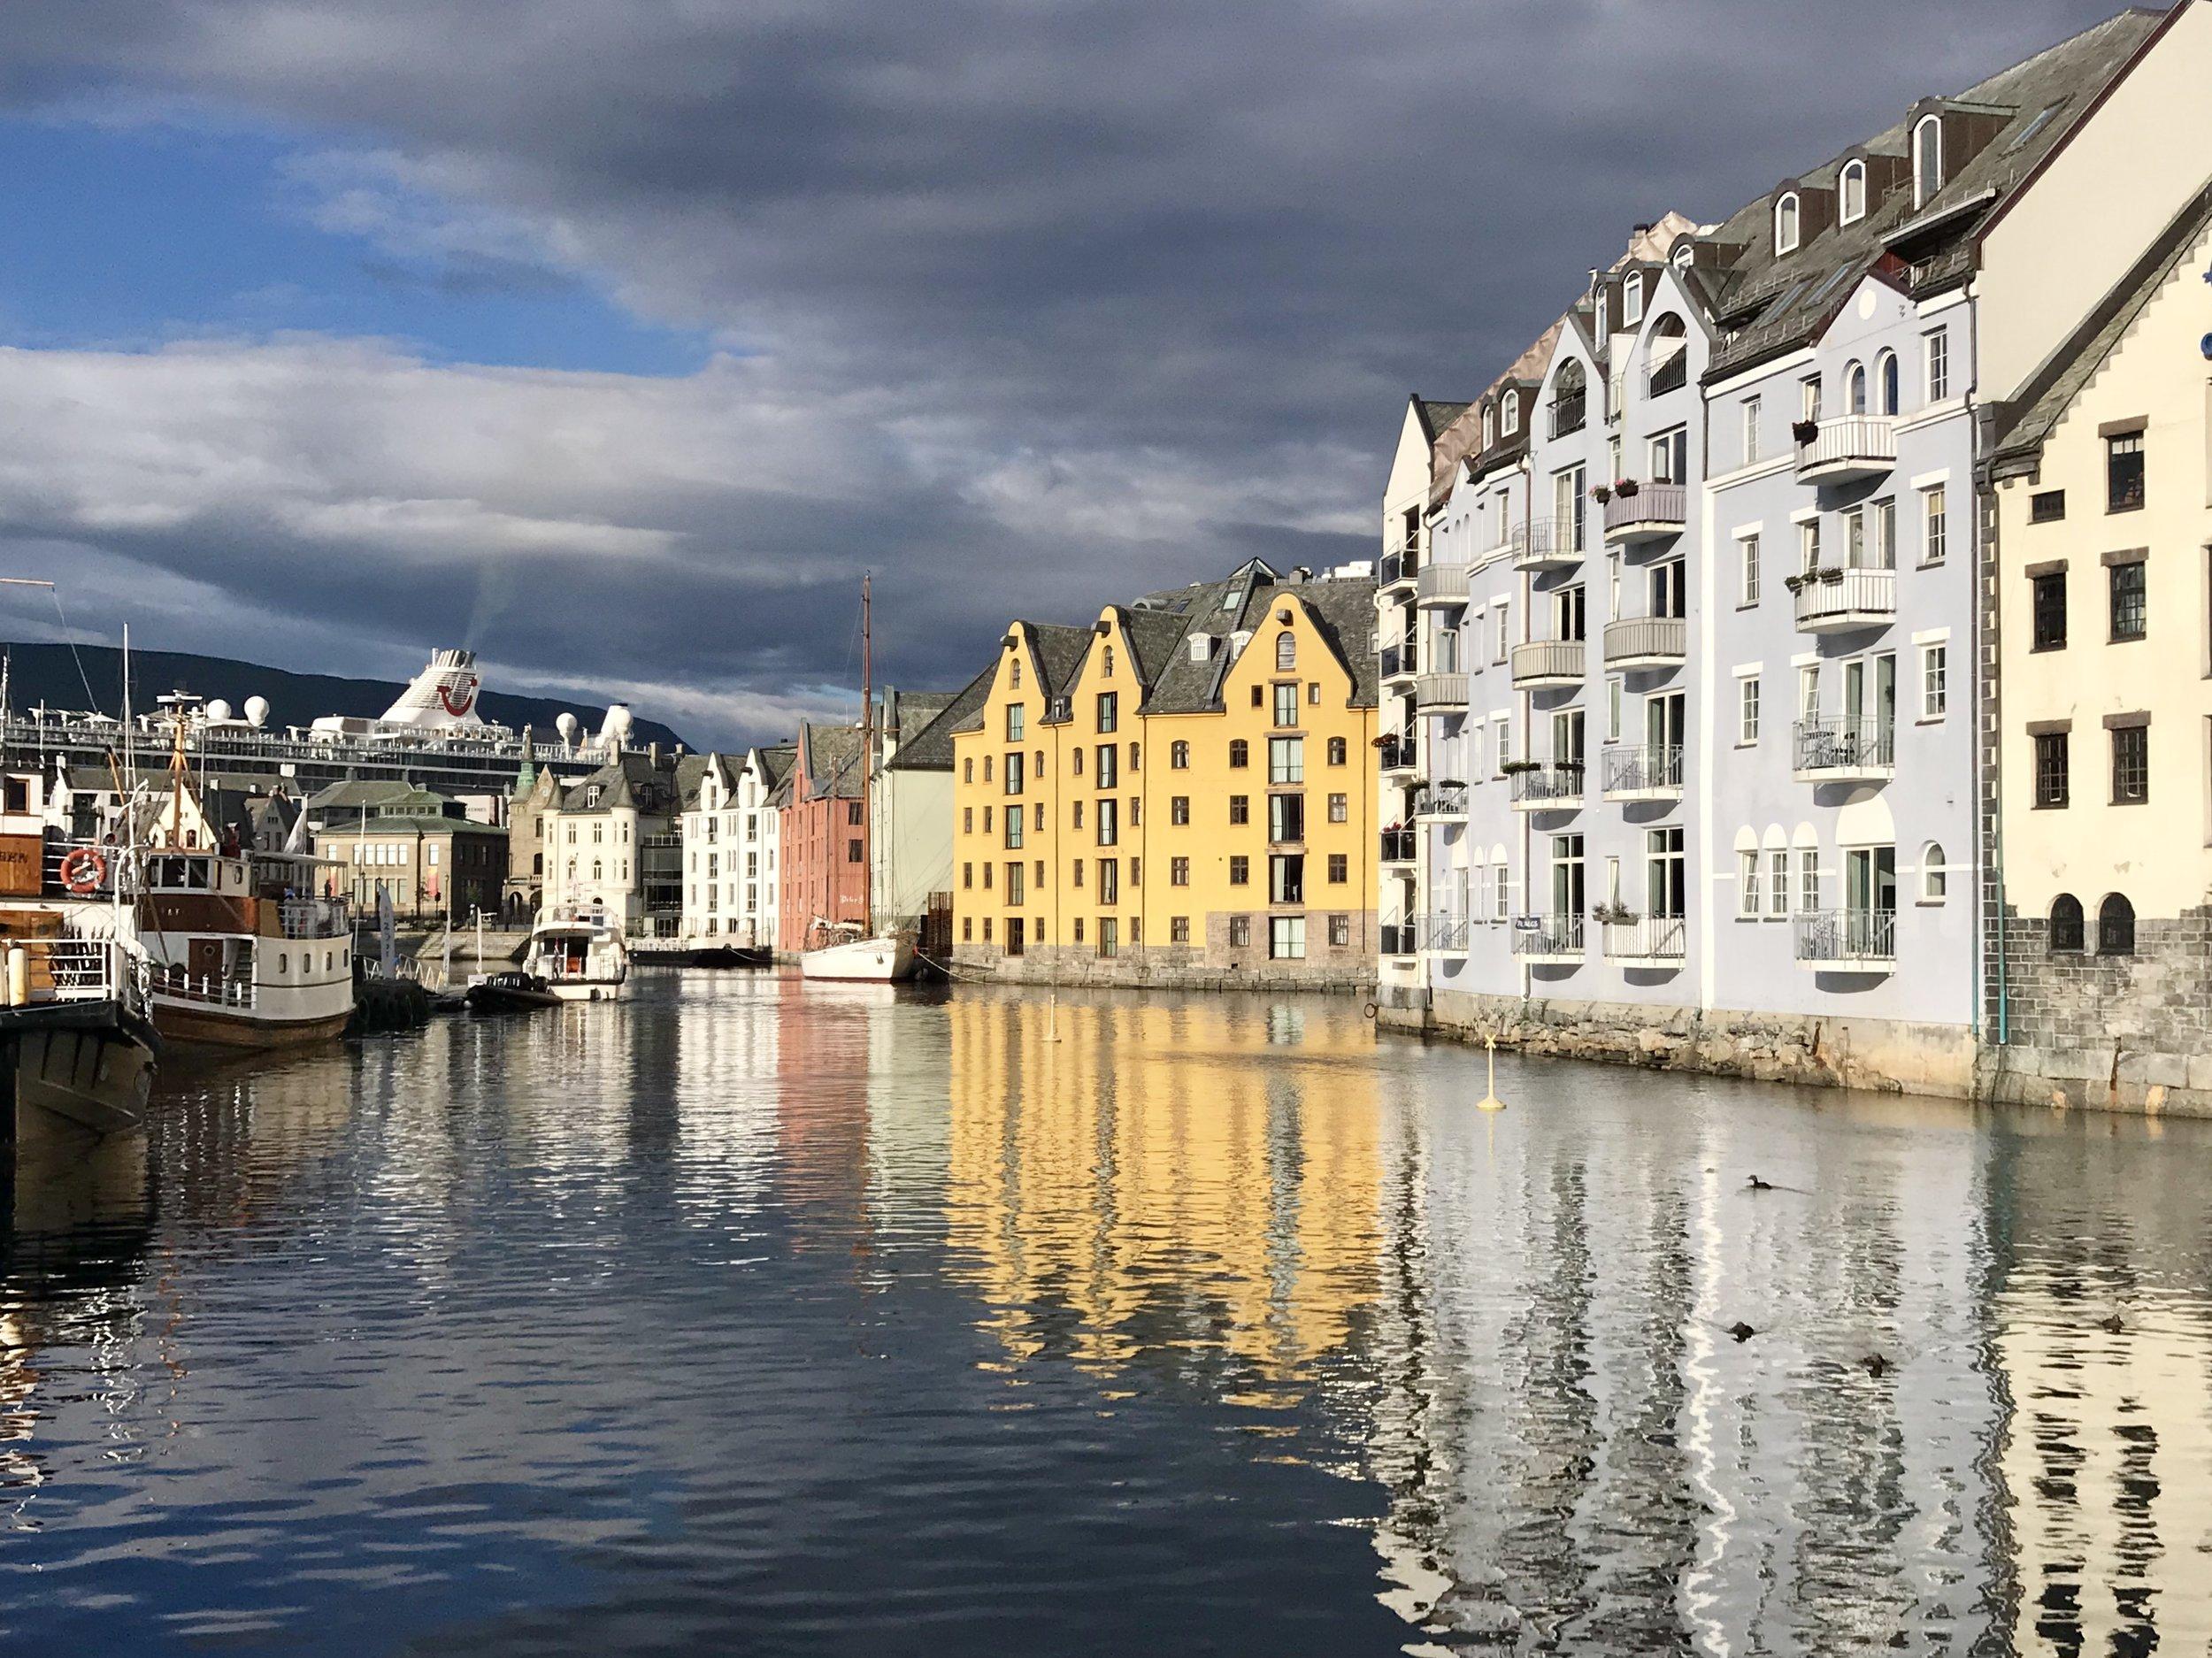 in ålesund I go running along the shoreline in the morning